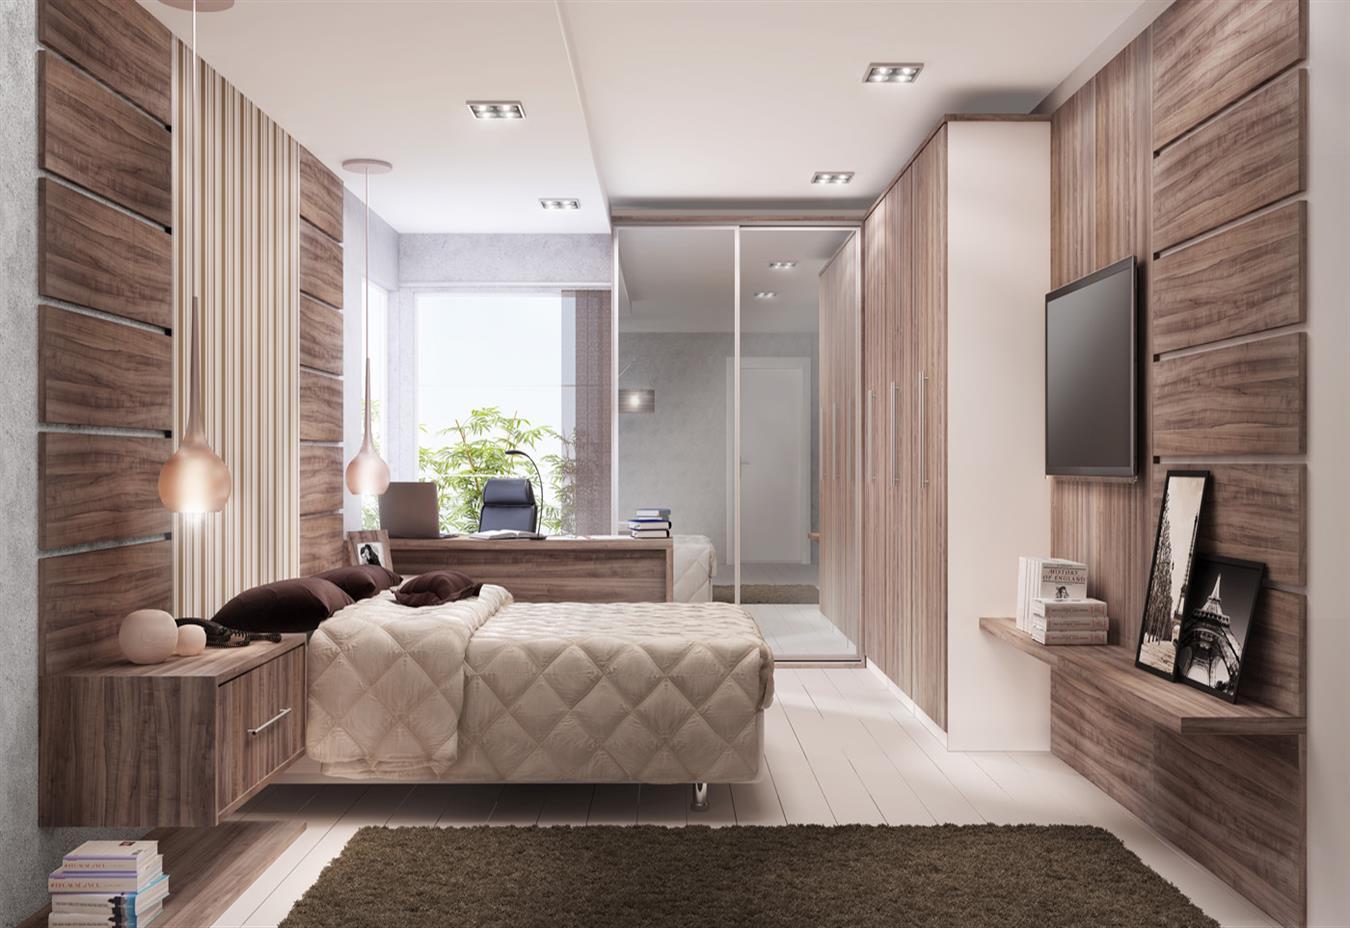 Monte uma cabeceira de destaque com madeira e papel de parede.